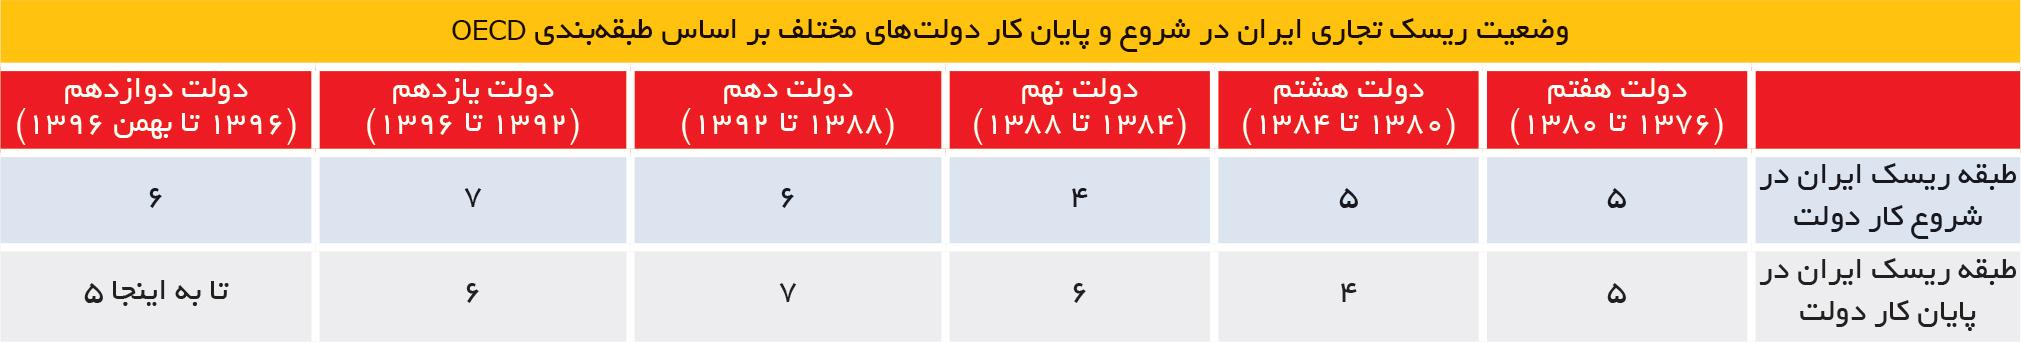 تجارت فردا- وضعیت ریسک تجاری ایران در شروع و پایان کار دولتهای مختلف بر اساس طبقهبندی OECD